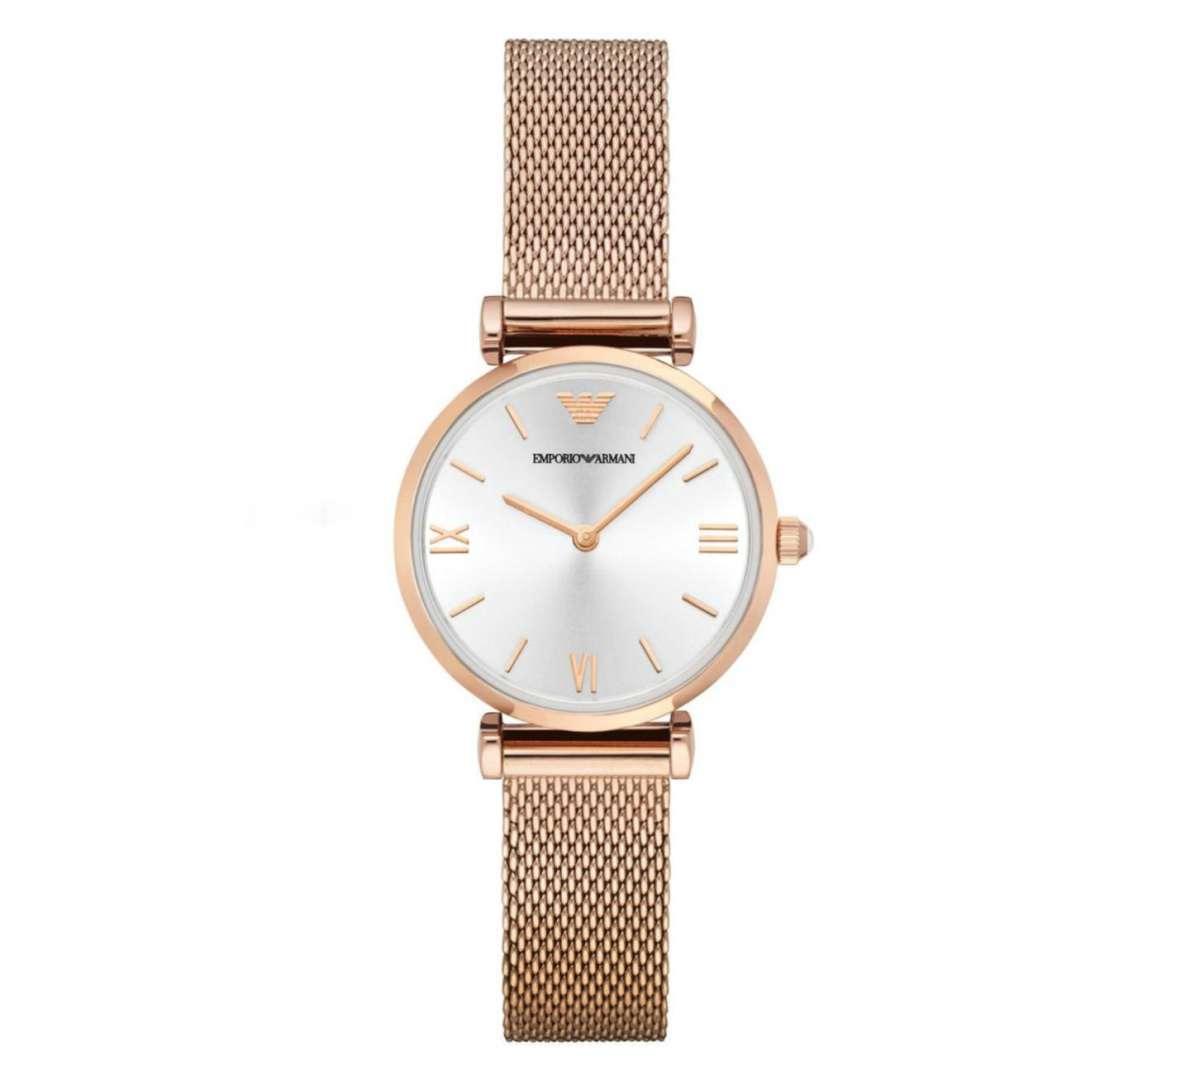 שעון יד אנלוגי לאישה emporio armani ar1956 אמפוריו ארמני